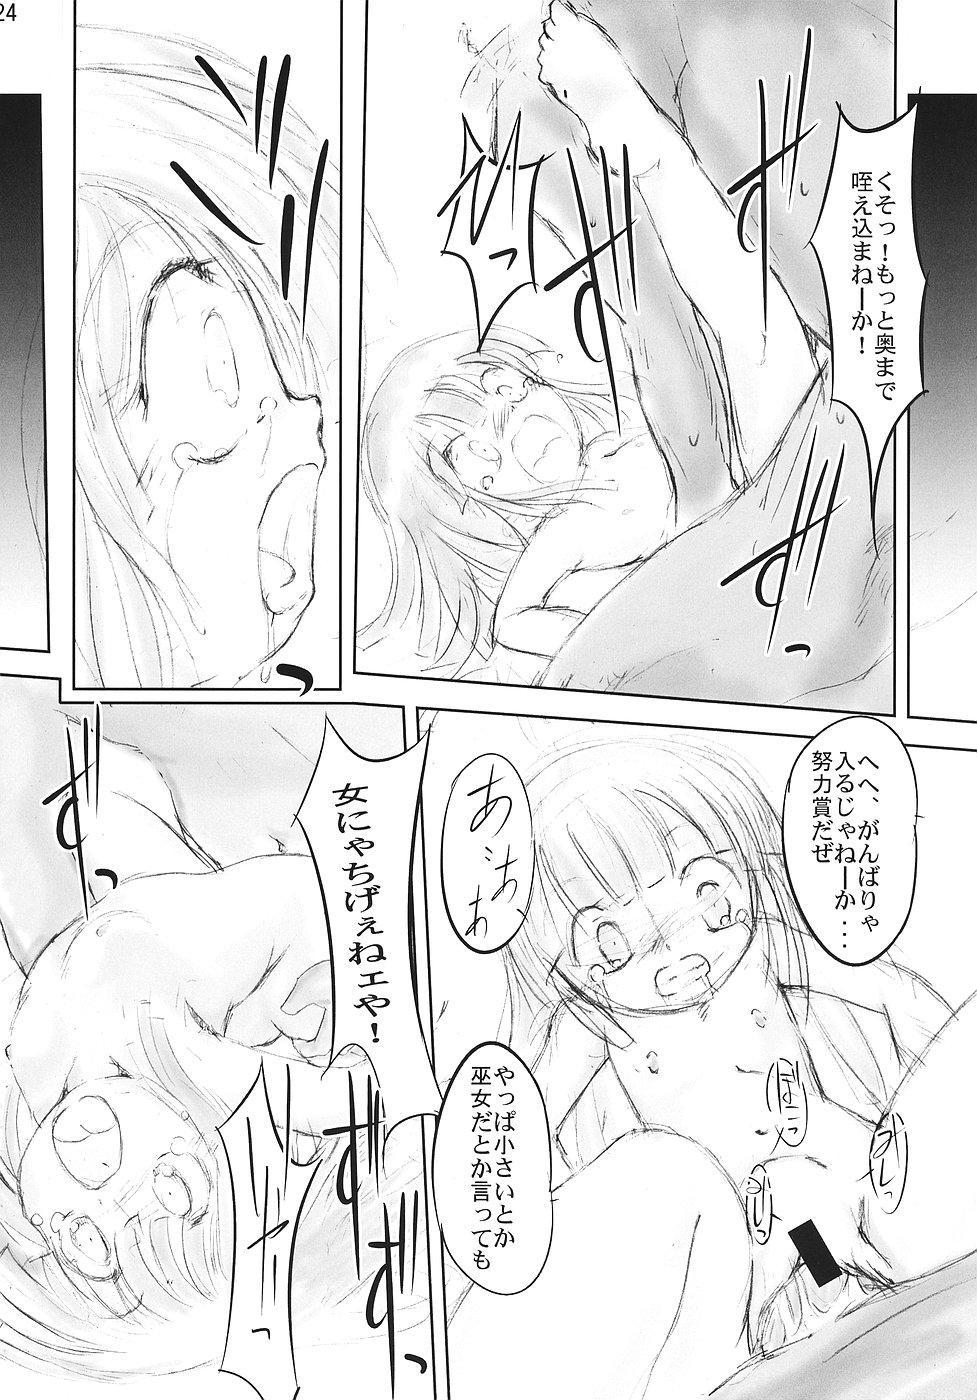 Higurashi no Koe, Ima wa Tae 22